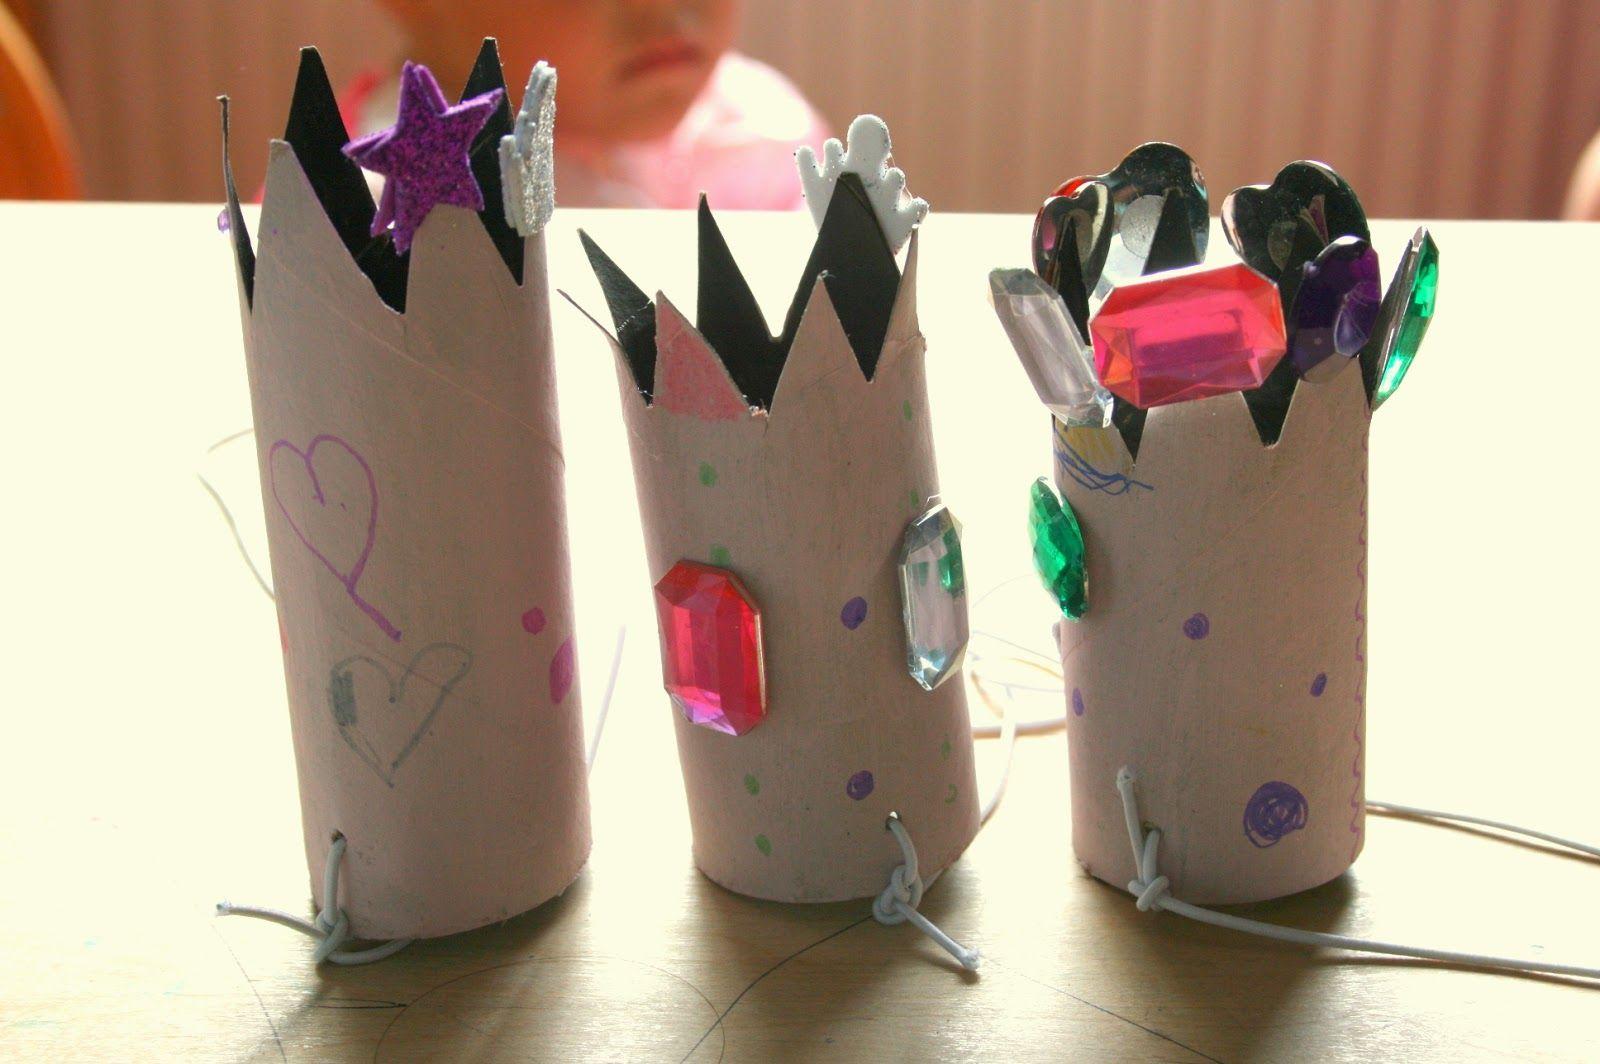 Workshop Haarlem - creatief prinsessefeest! - heb je interesse in een creatief themafeest voor jong en of oud? Neem dan contact met me op via workshophaarlem@hotmail.com